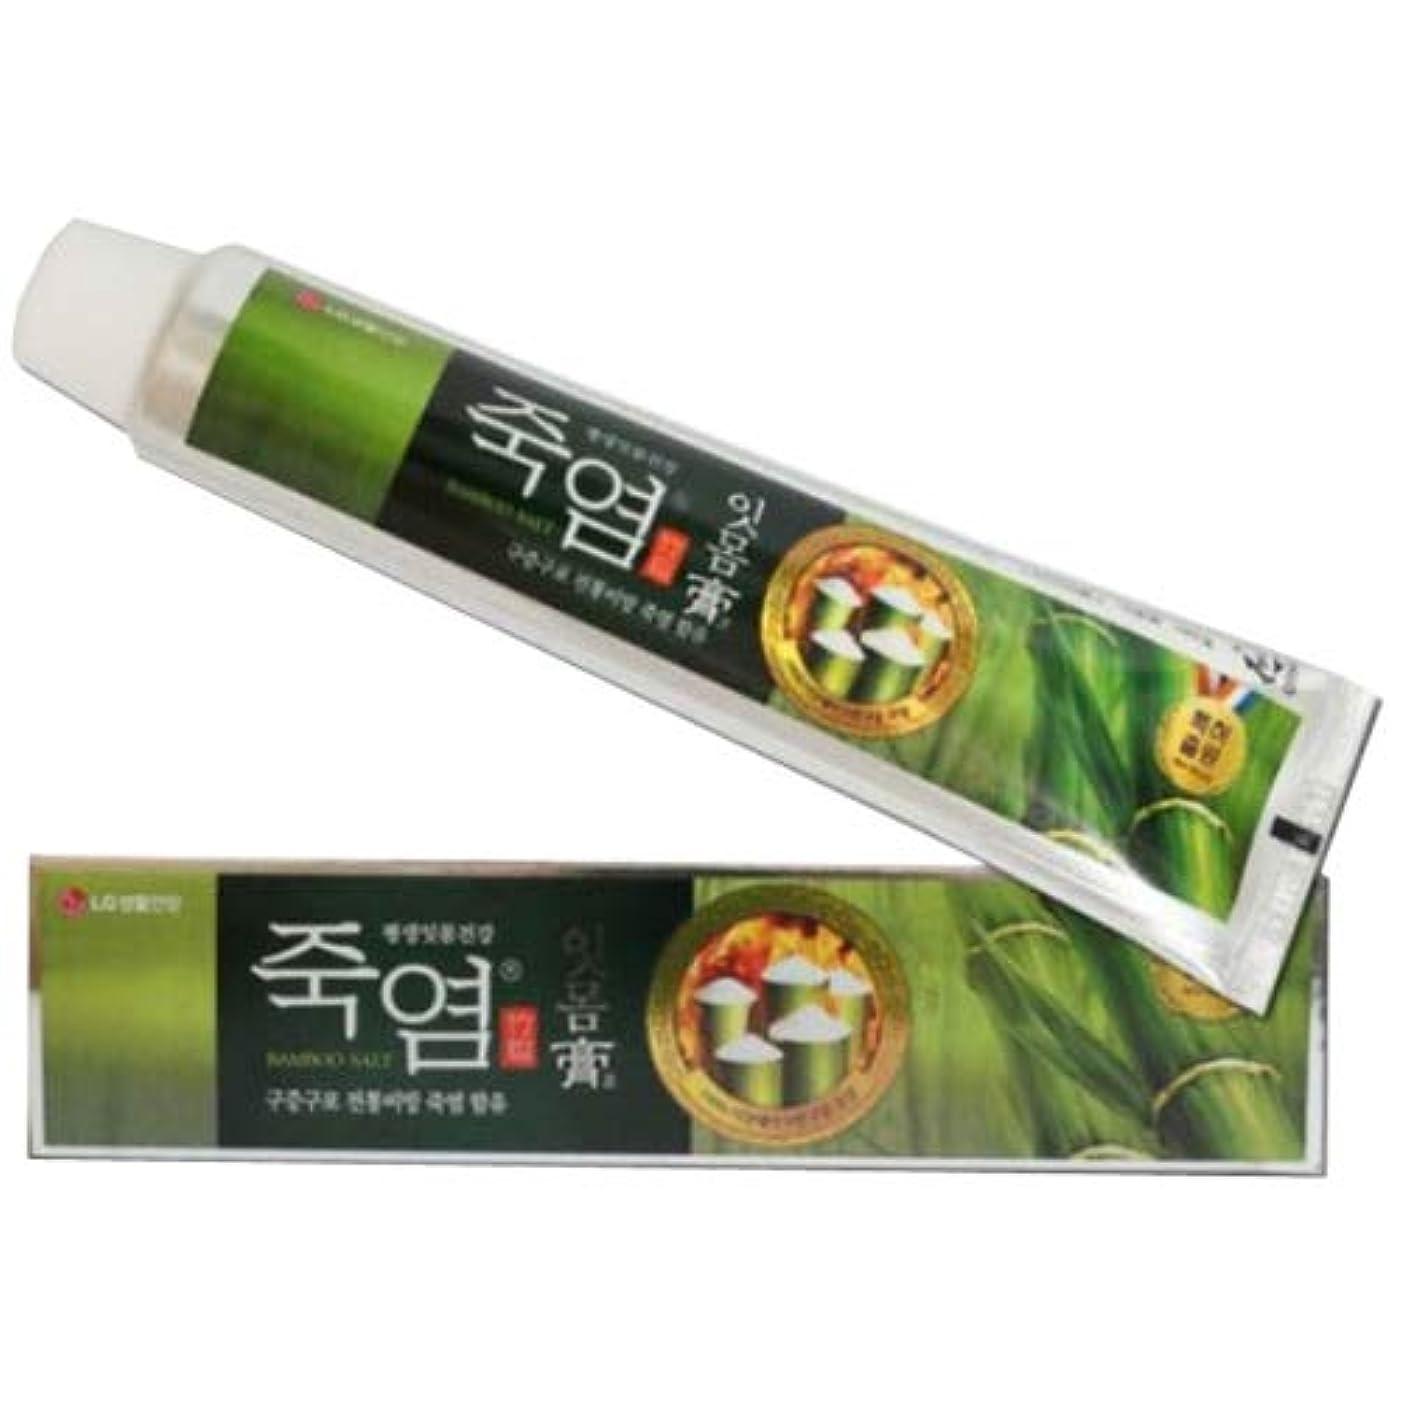 ジャグリング条約歯LG生活健康 竹塩歯磨き粉 (歯康膏:ウンガンゴ)(120g X2個) 竹塩歯磨き粉つぶれて歯茎を健康に ウンガンゴ